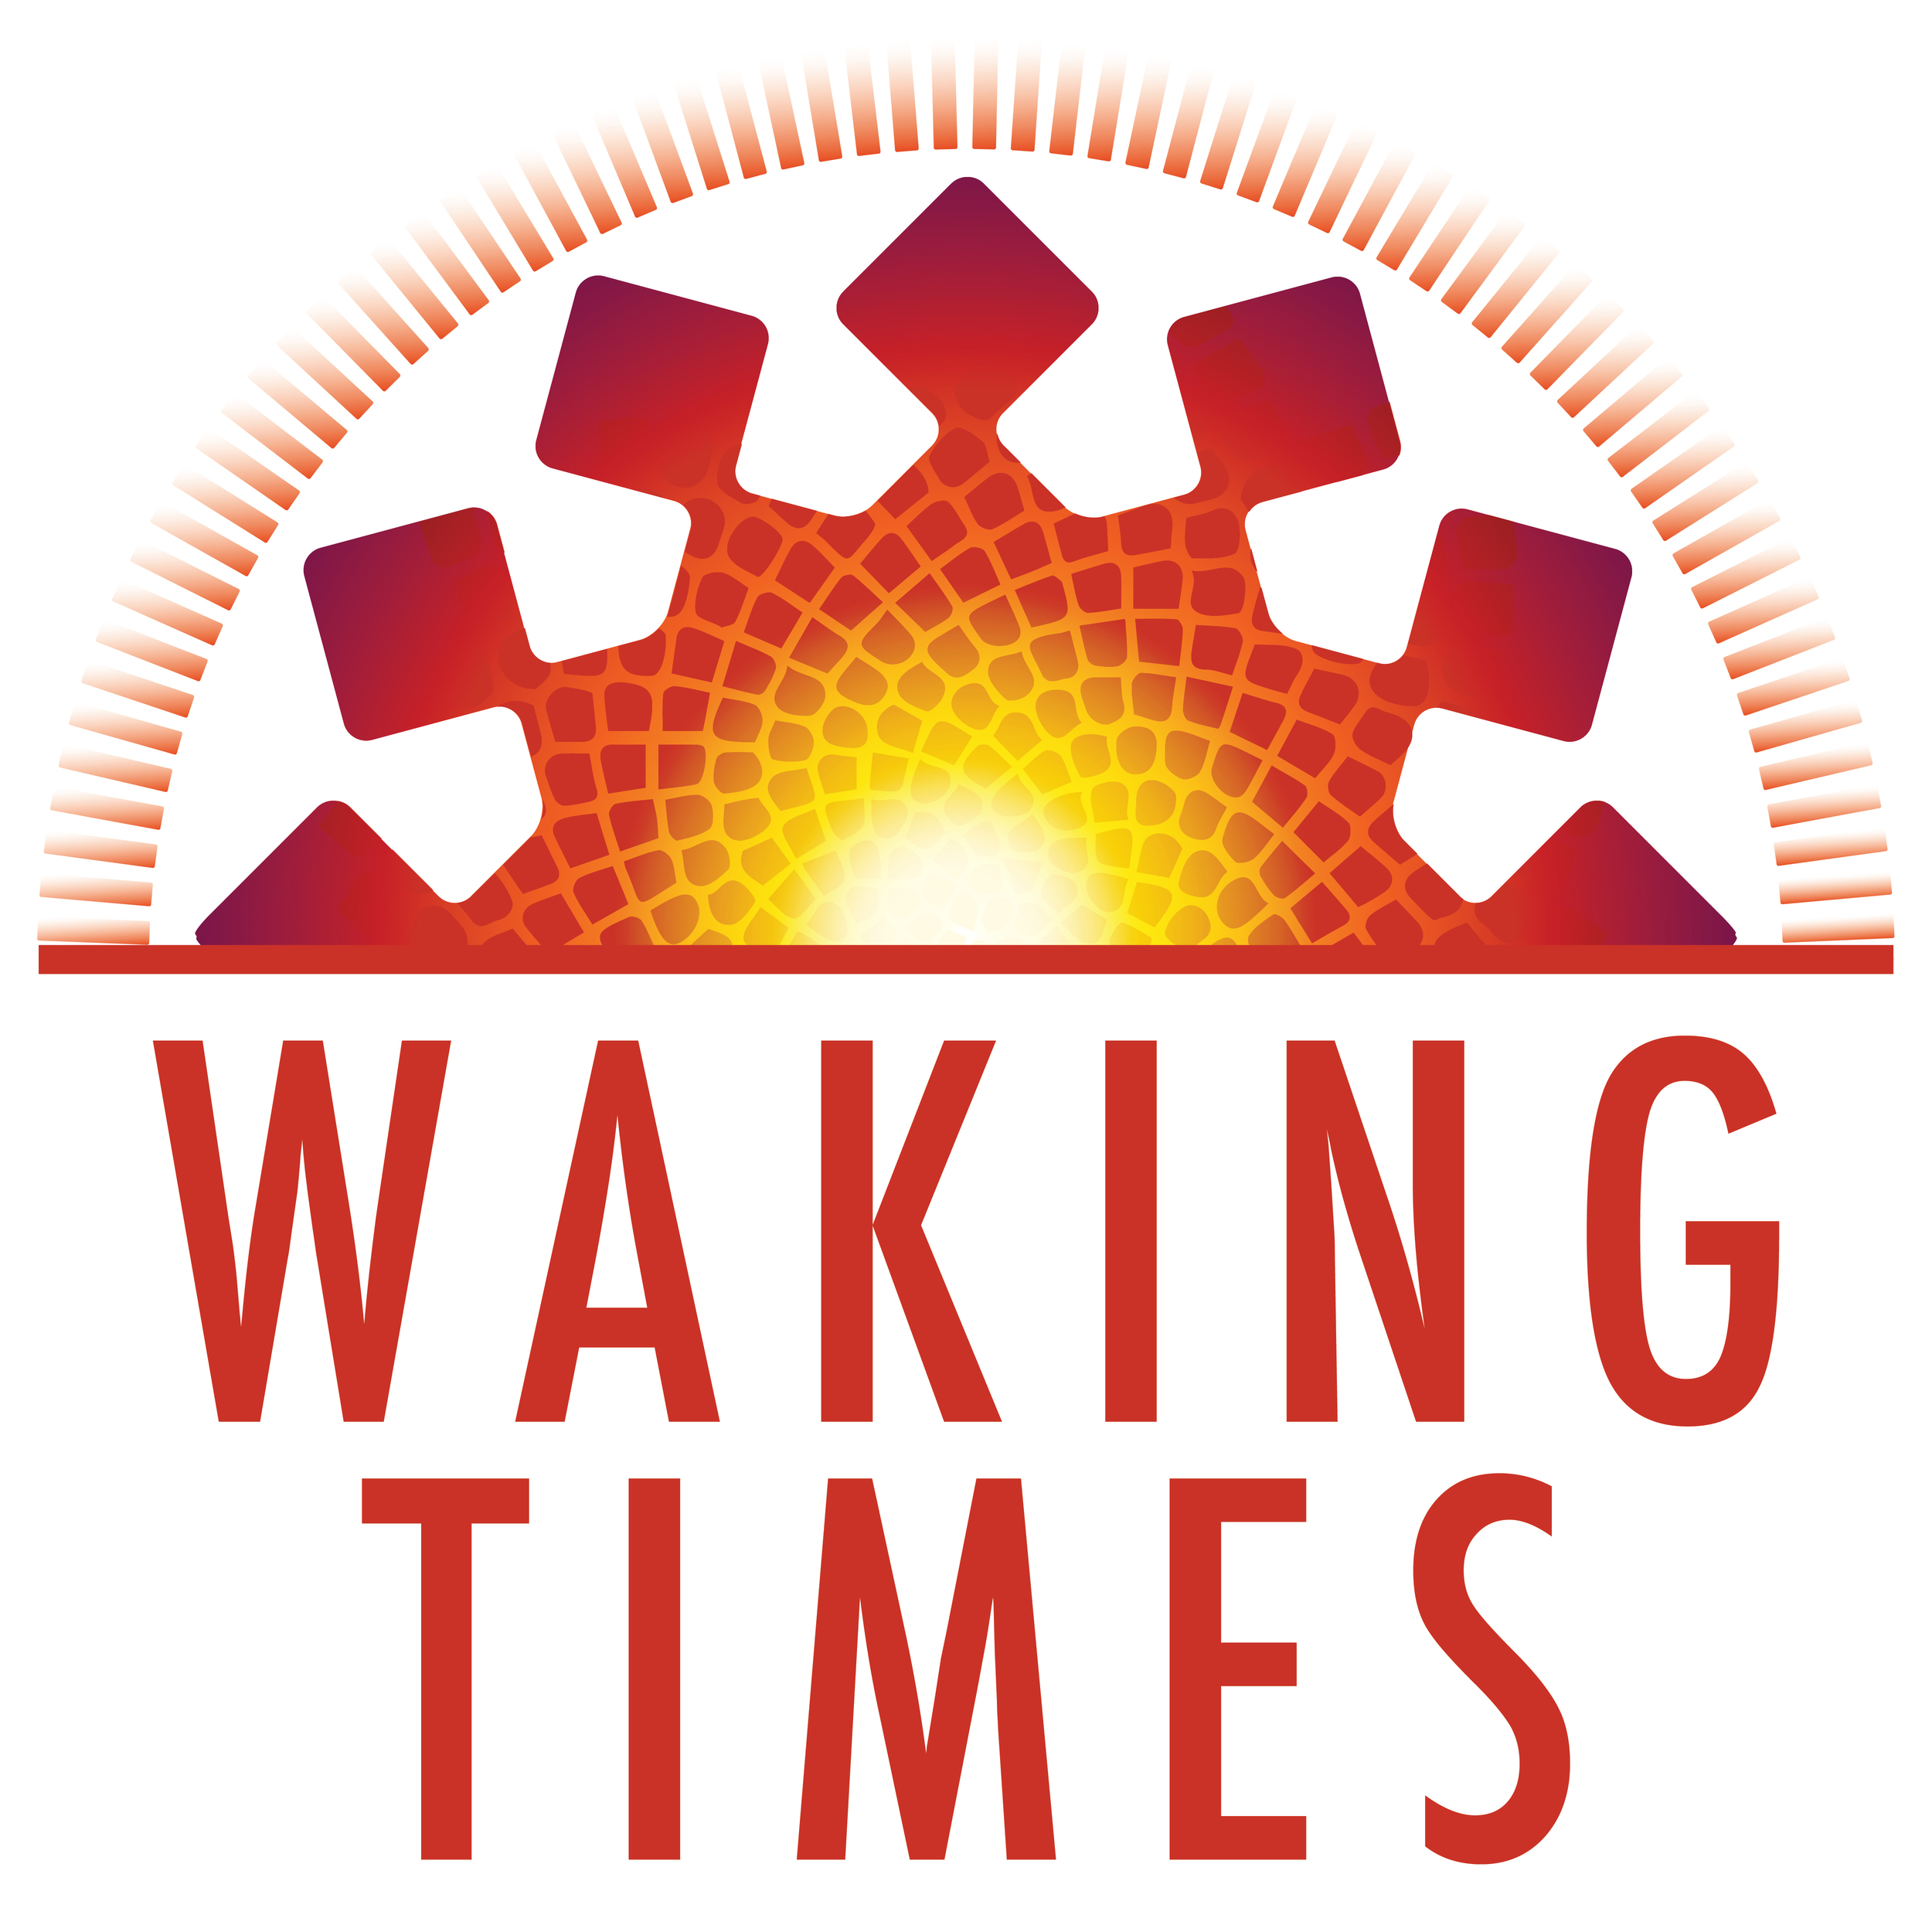 Waking Times logo | wakingtimes.com